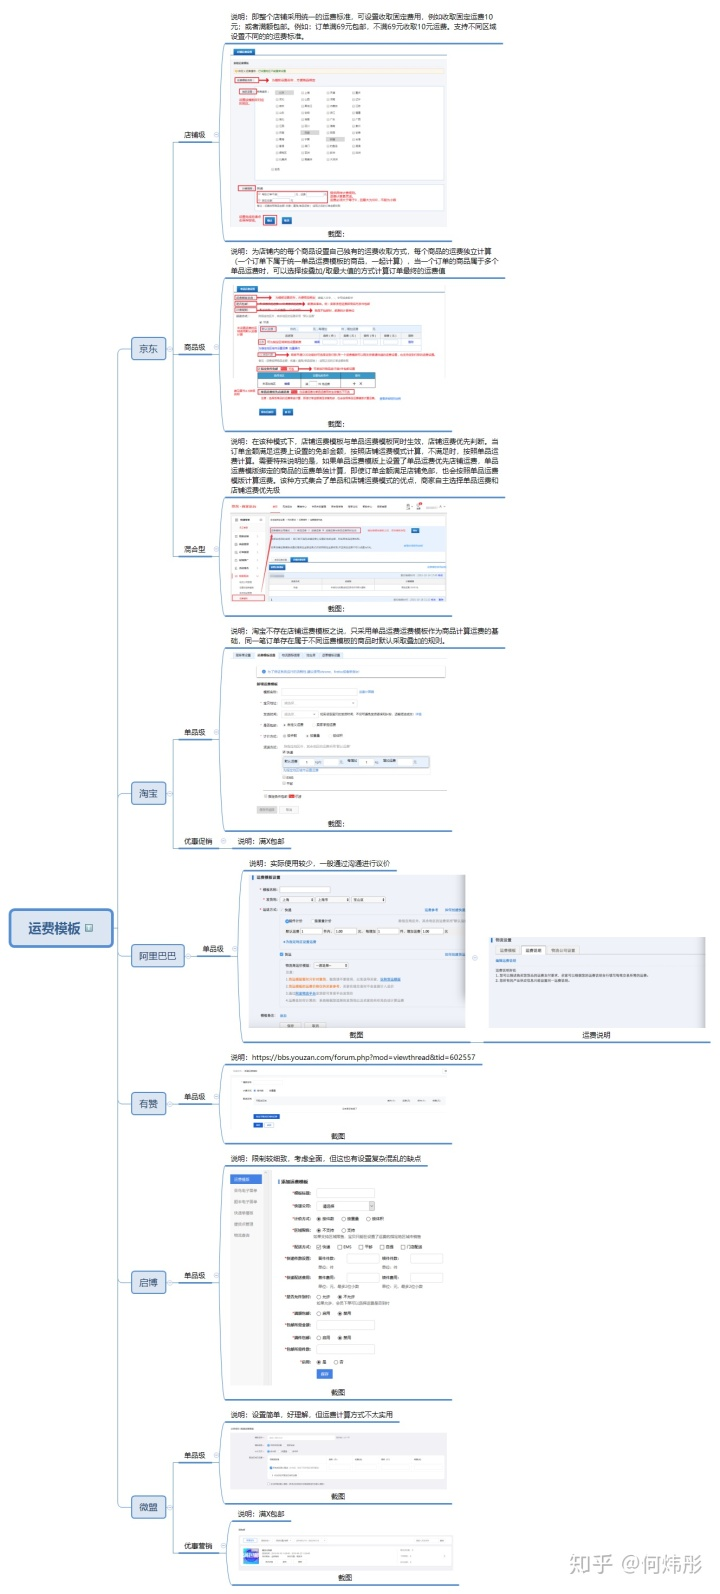 电商平台仓储物流之运费分析及设计